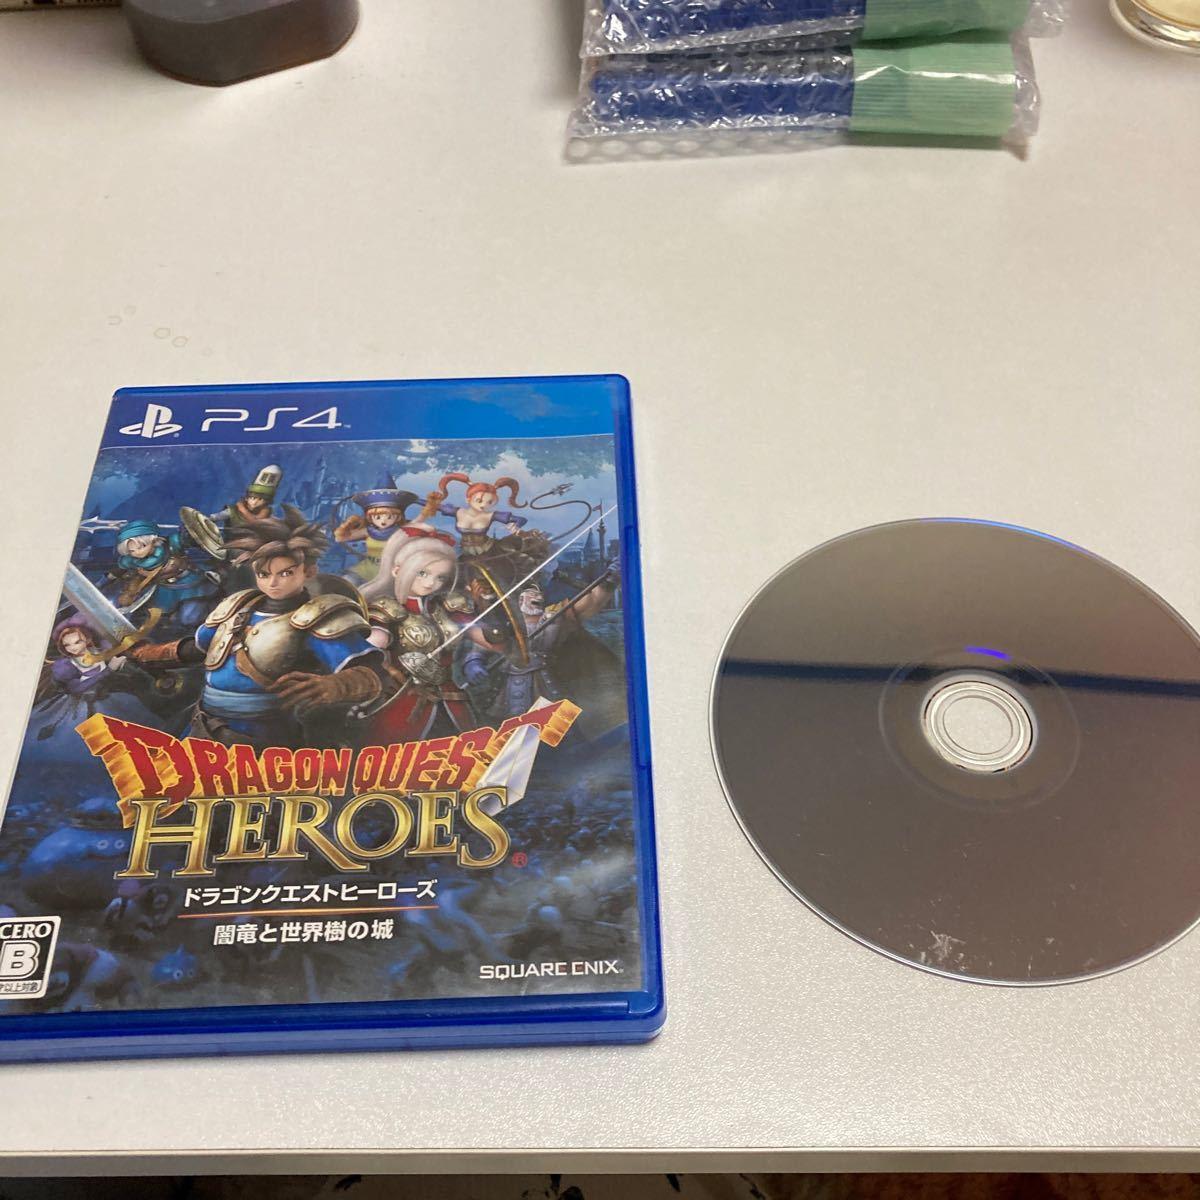 PS4ソフト ドラゴンクエストヒーローズ